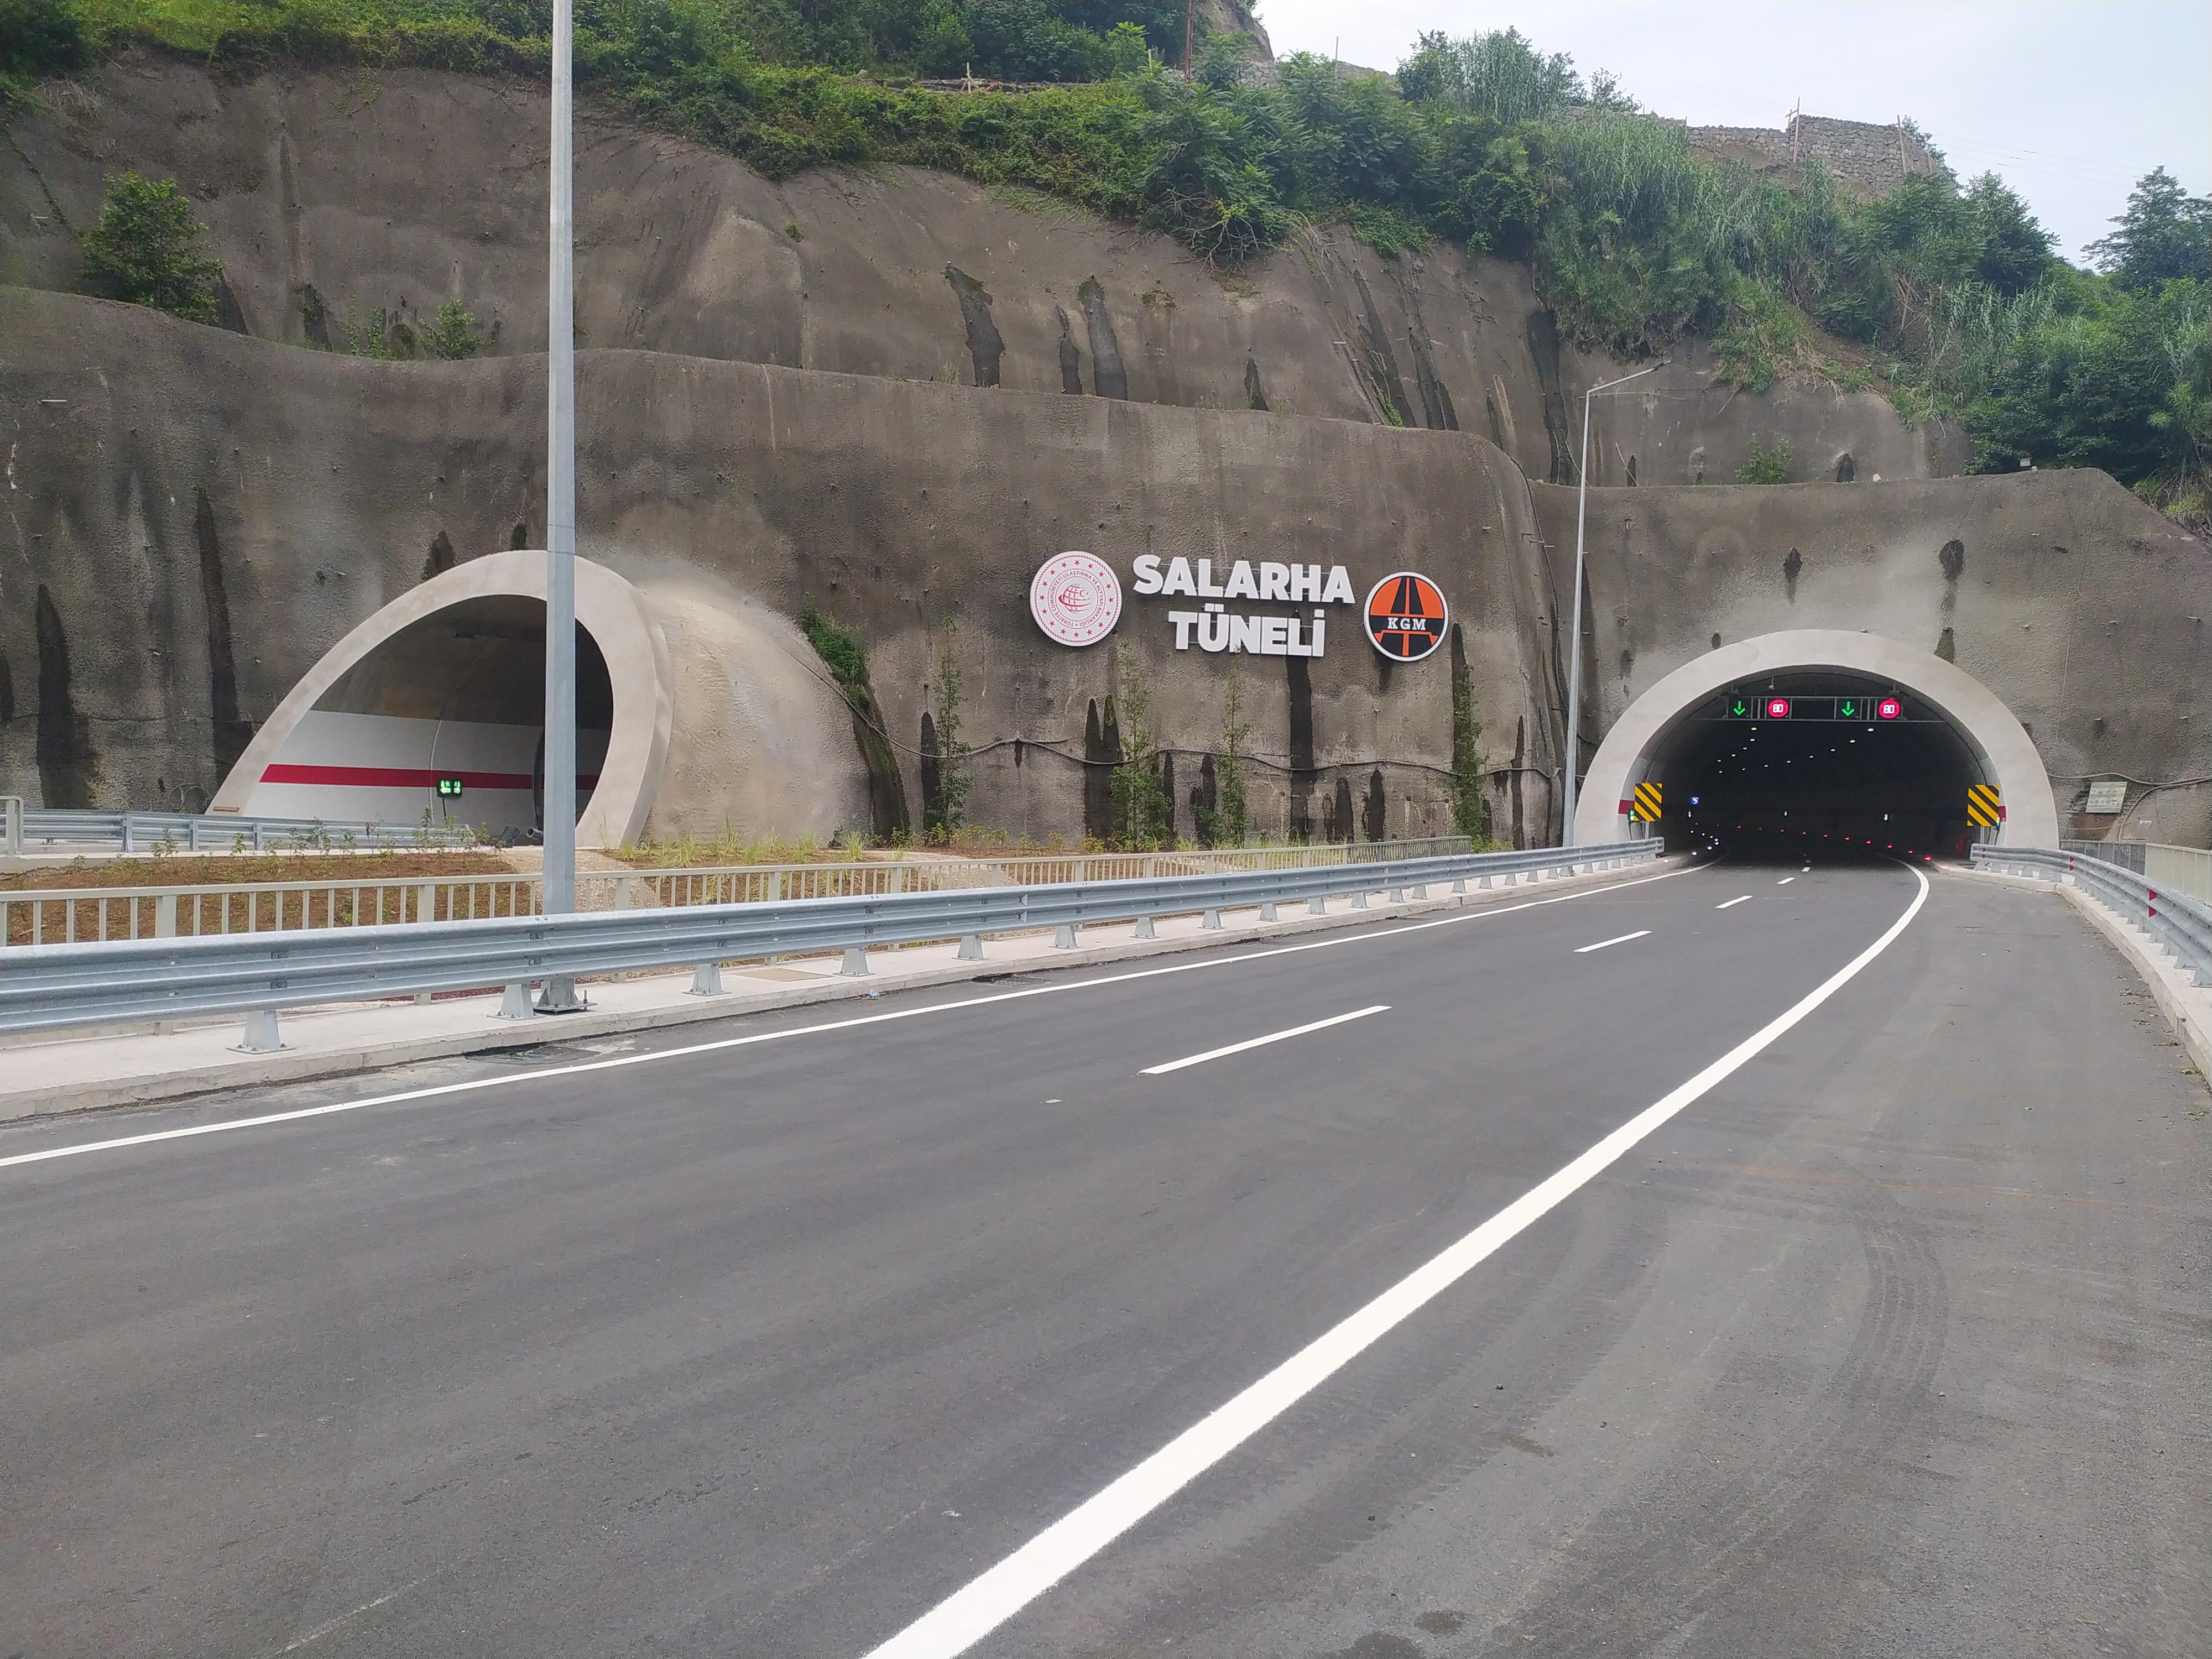 Salarha Tüneli